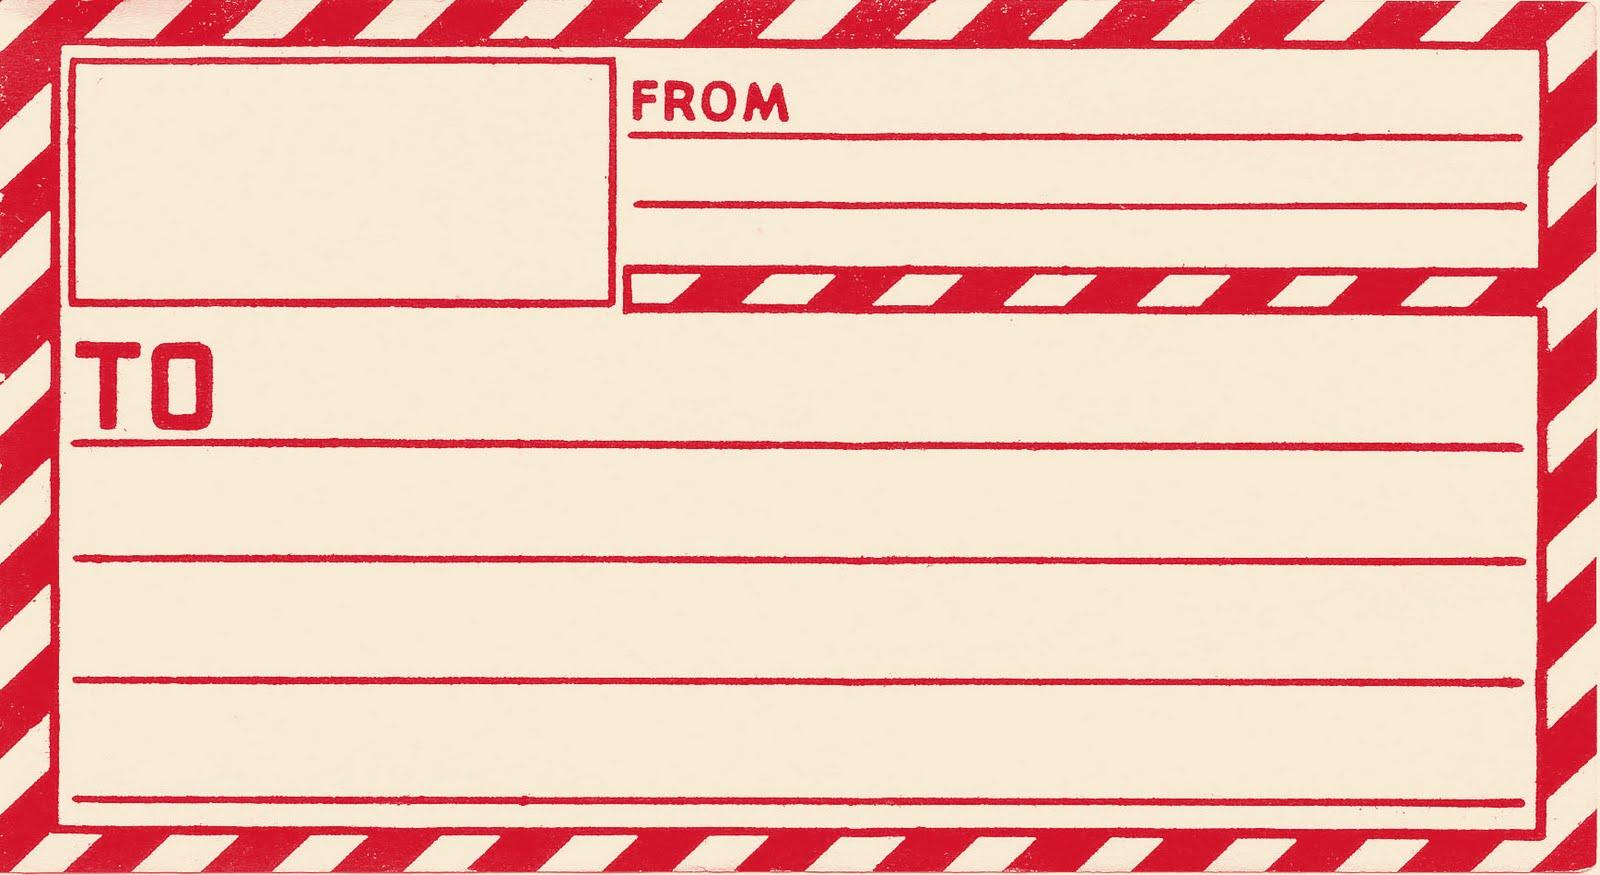 Vintage Gummed Parcel Post Shipping Labels | Worldlabel Blog